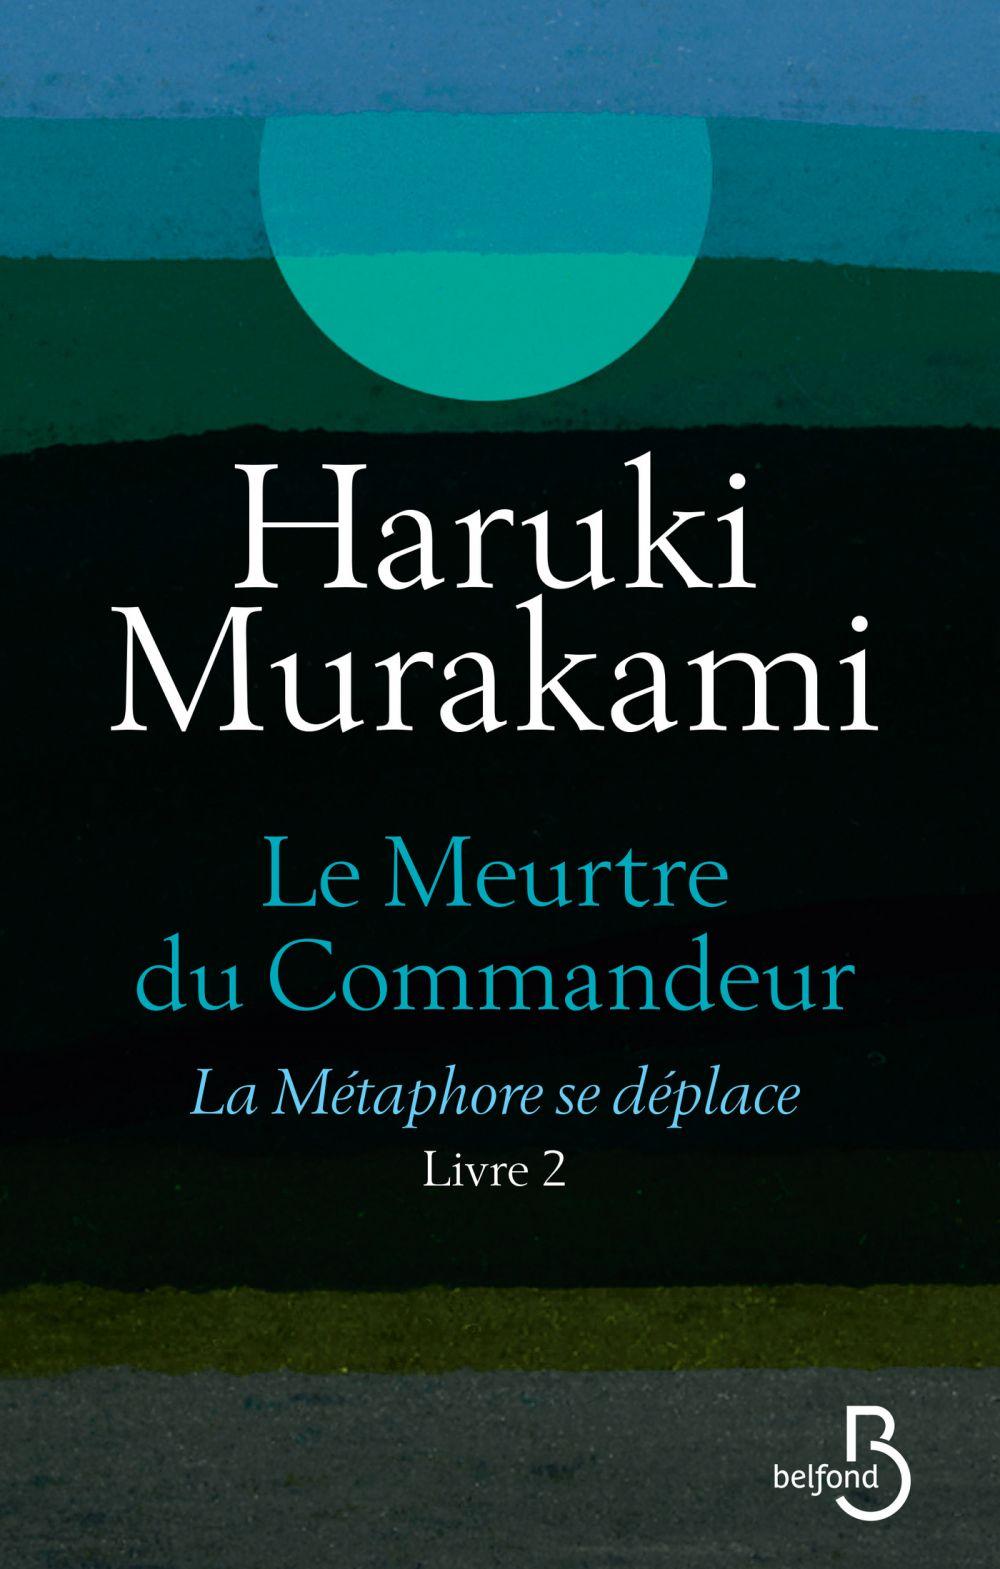 Le Meurtre du Commandeur, livre 2 : La Métaphore se déplace | MURAKAMI, Haruki. Auteur